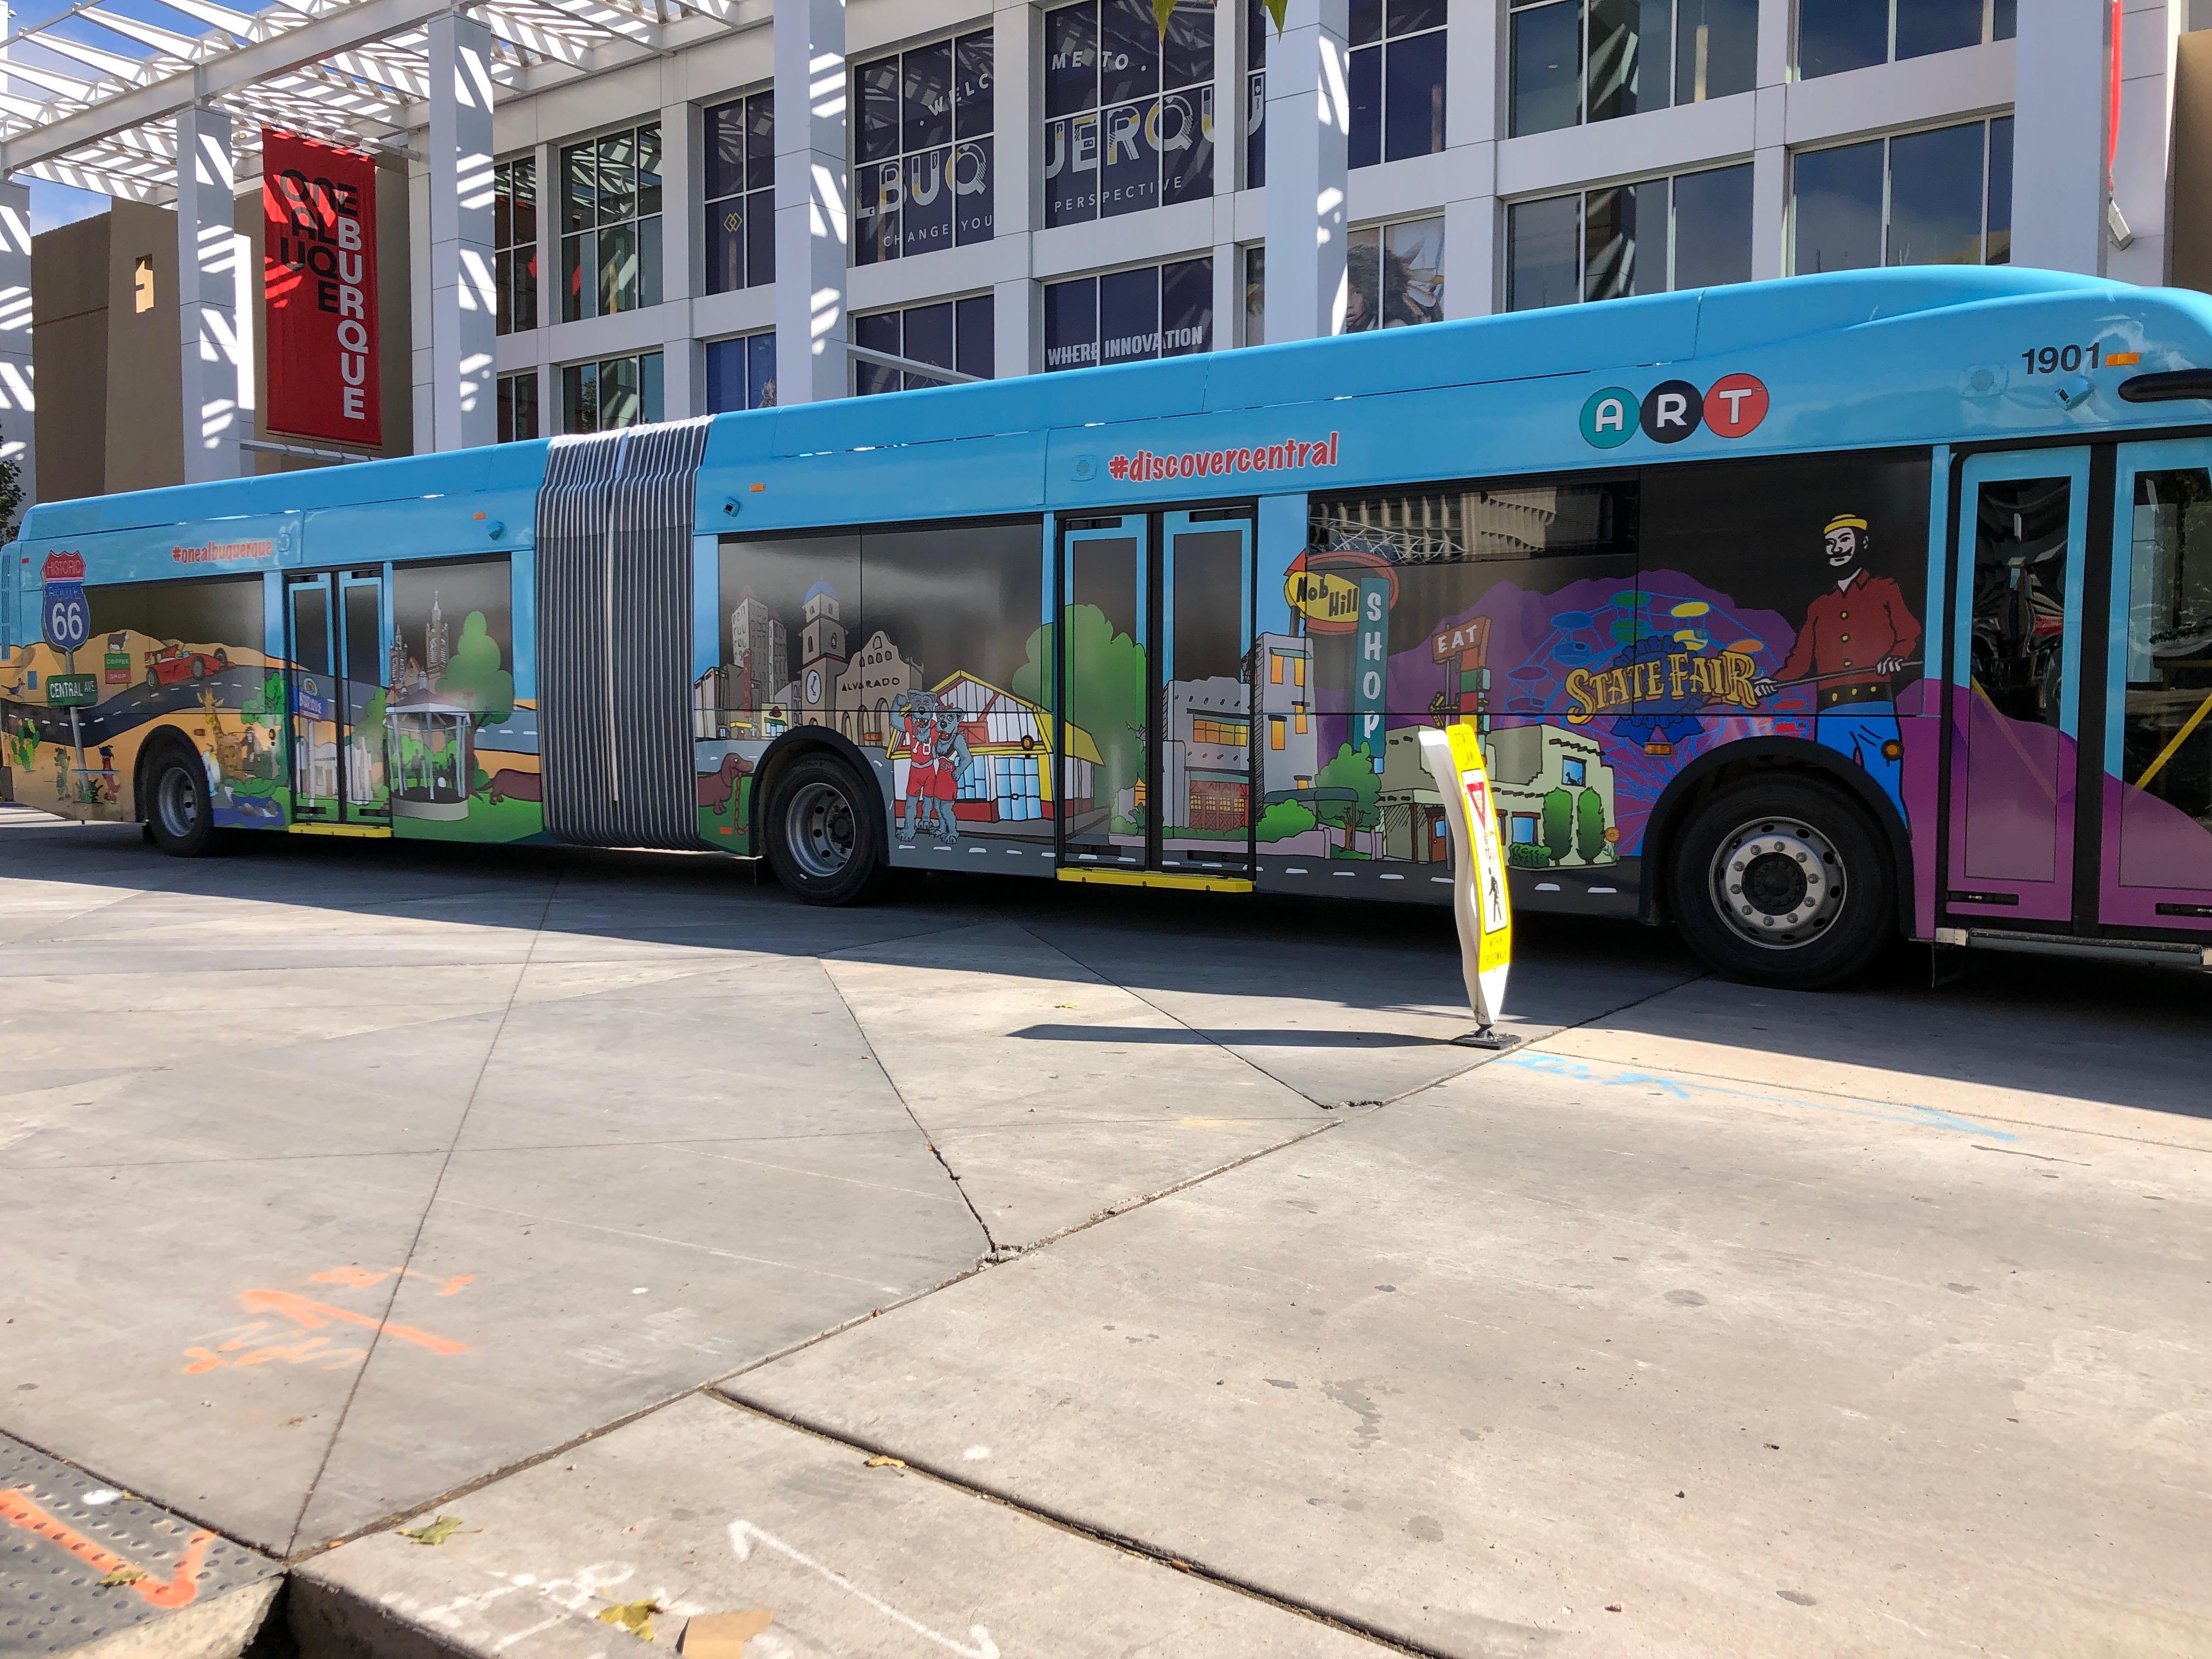 Art Buses Hit The Streets Nov 30 Krqe News 13